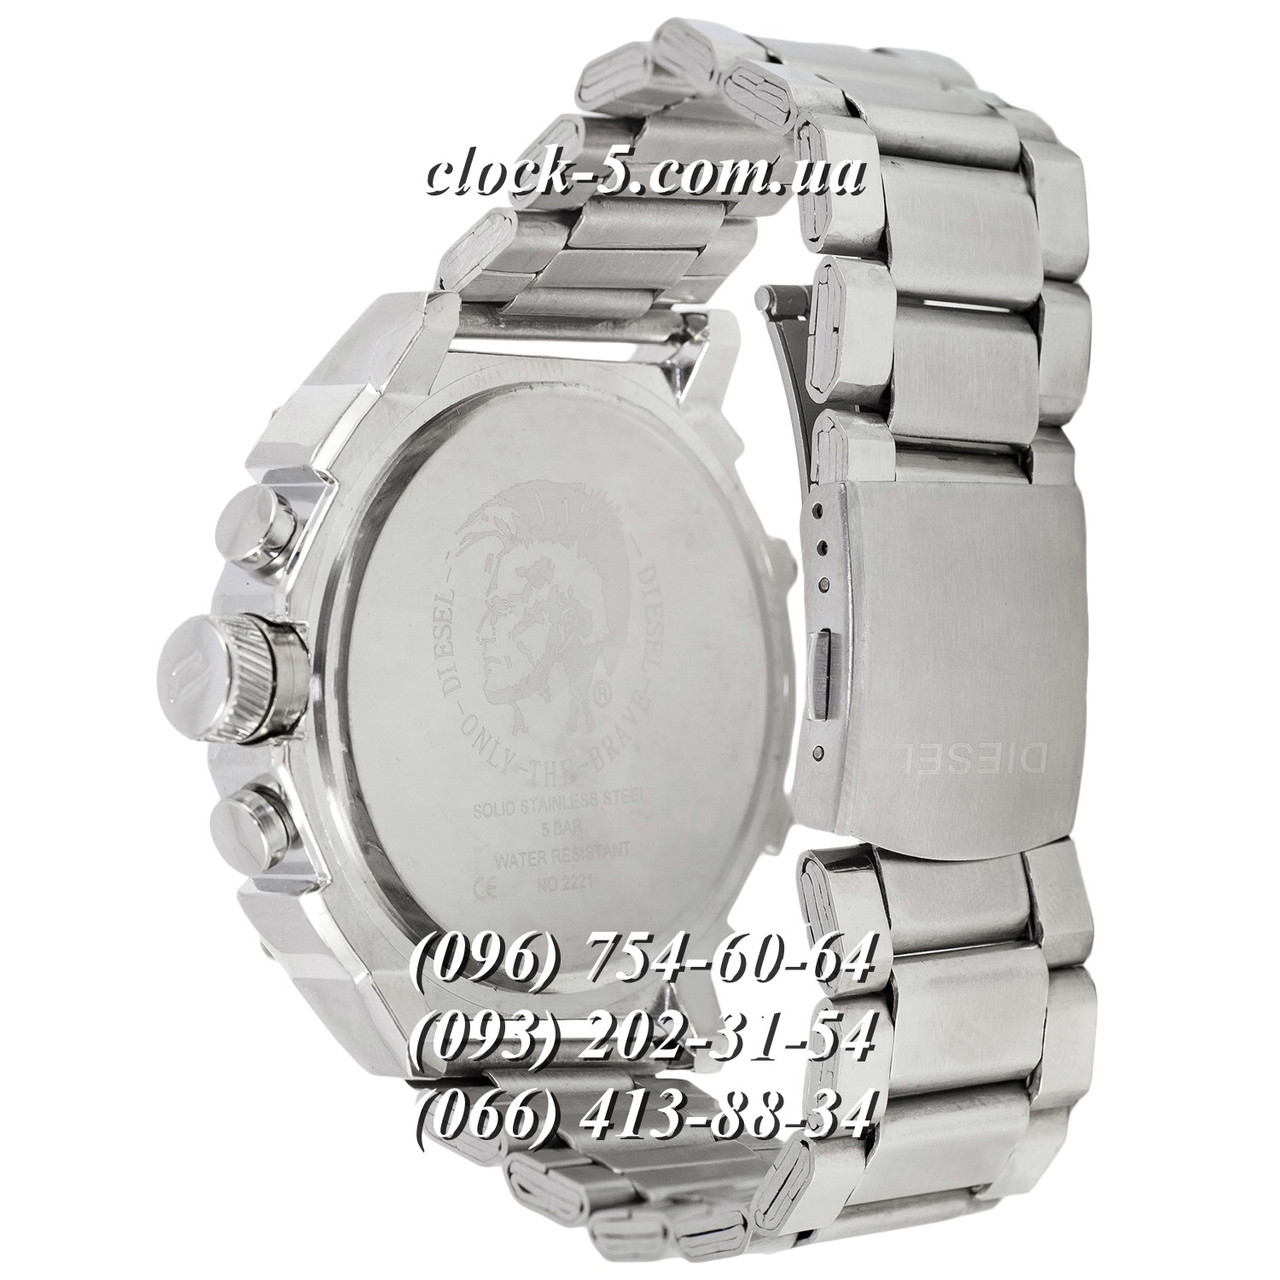 8b70d8b0 Купить наручные часы по доступным ценам: продажа, цена в Киеве. часы ...